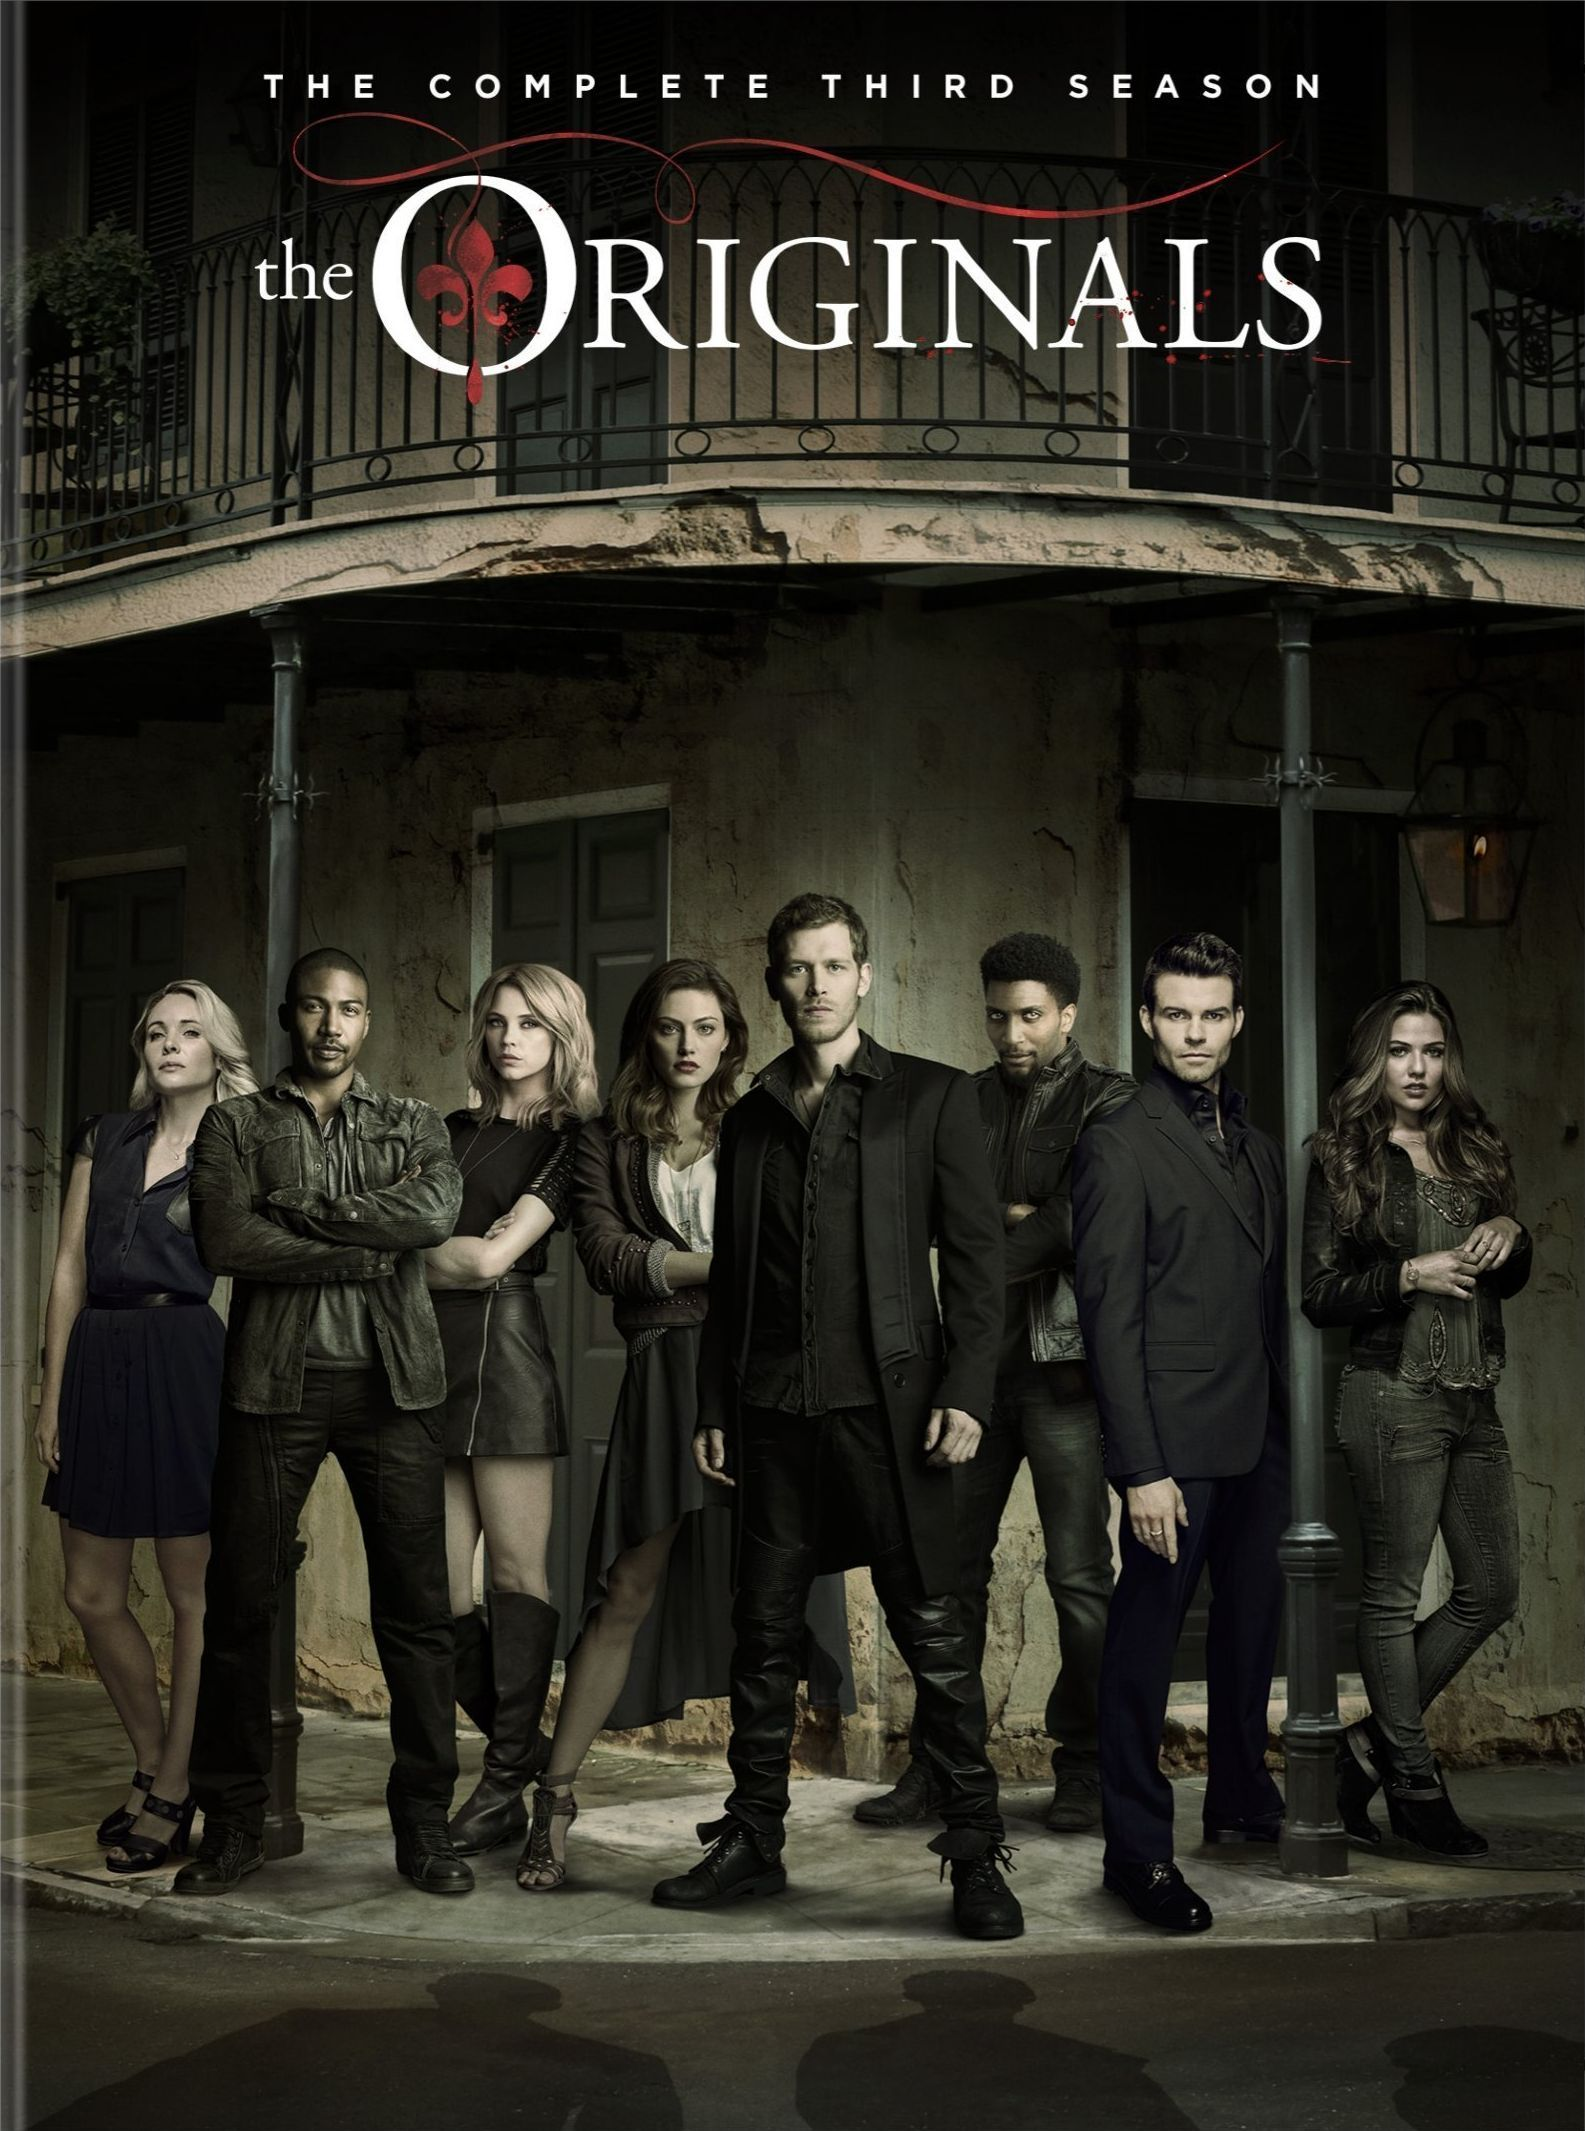 The Originals Staffel 3 Netflix